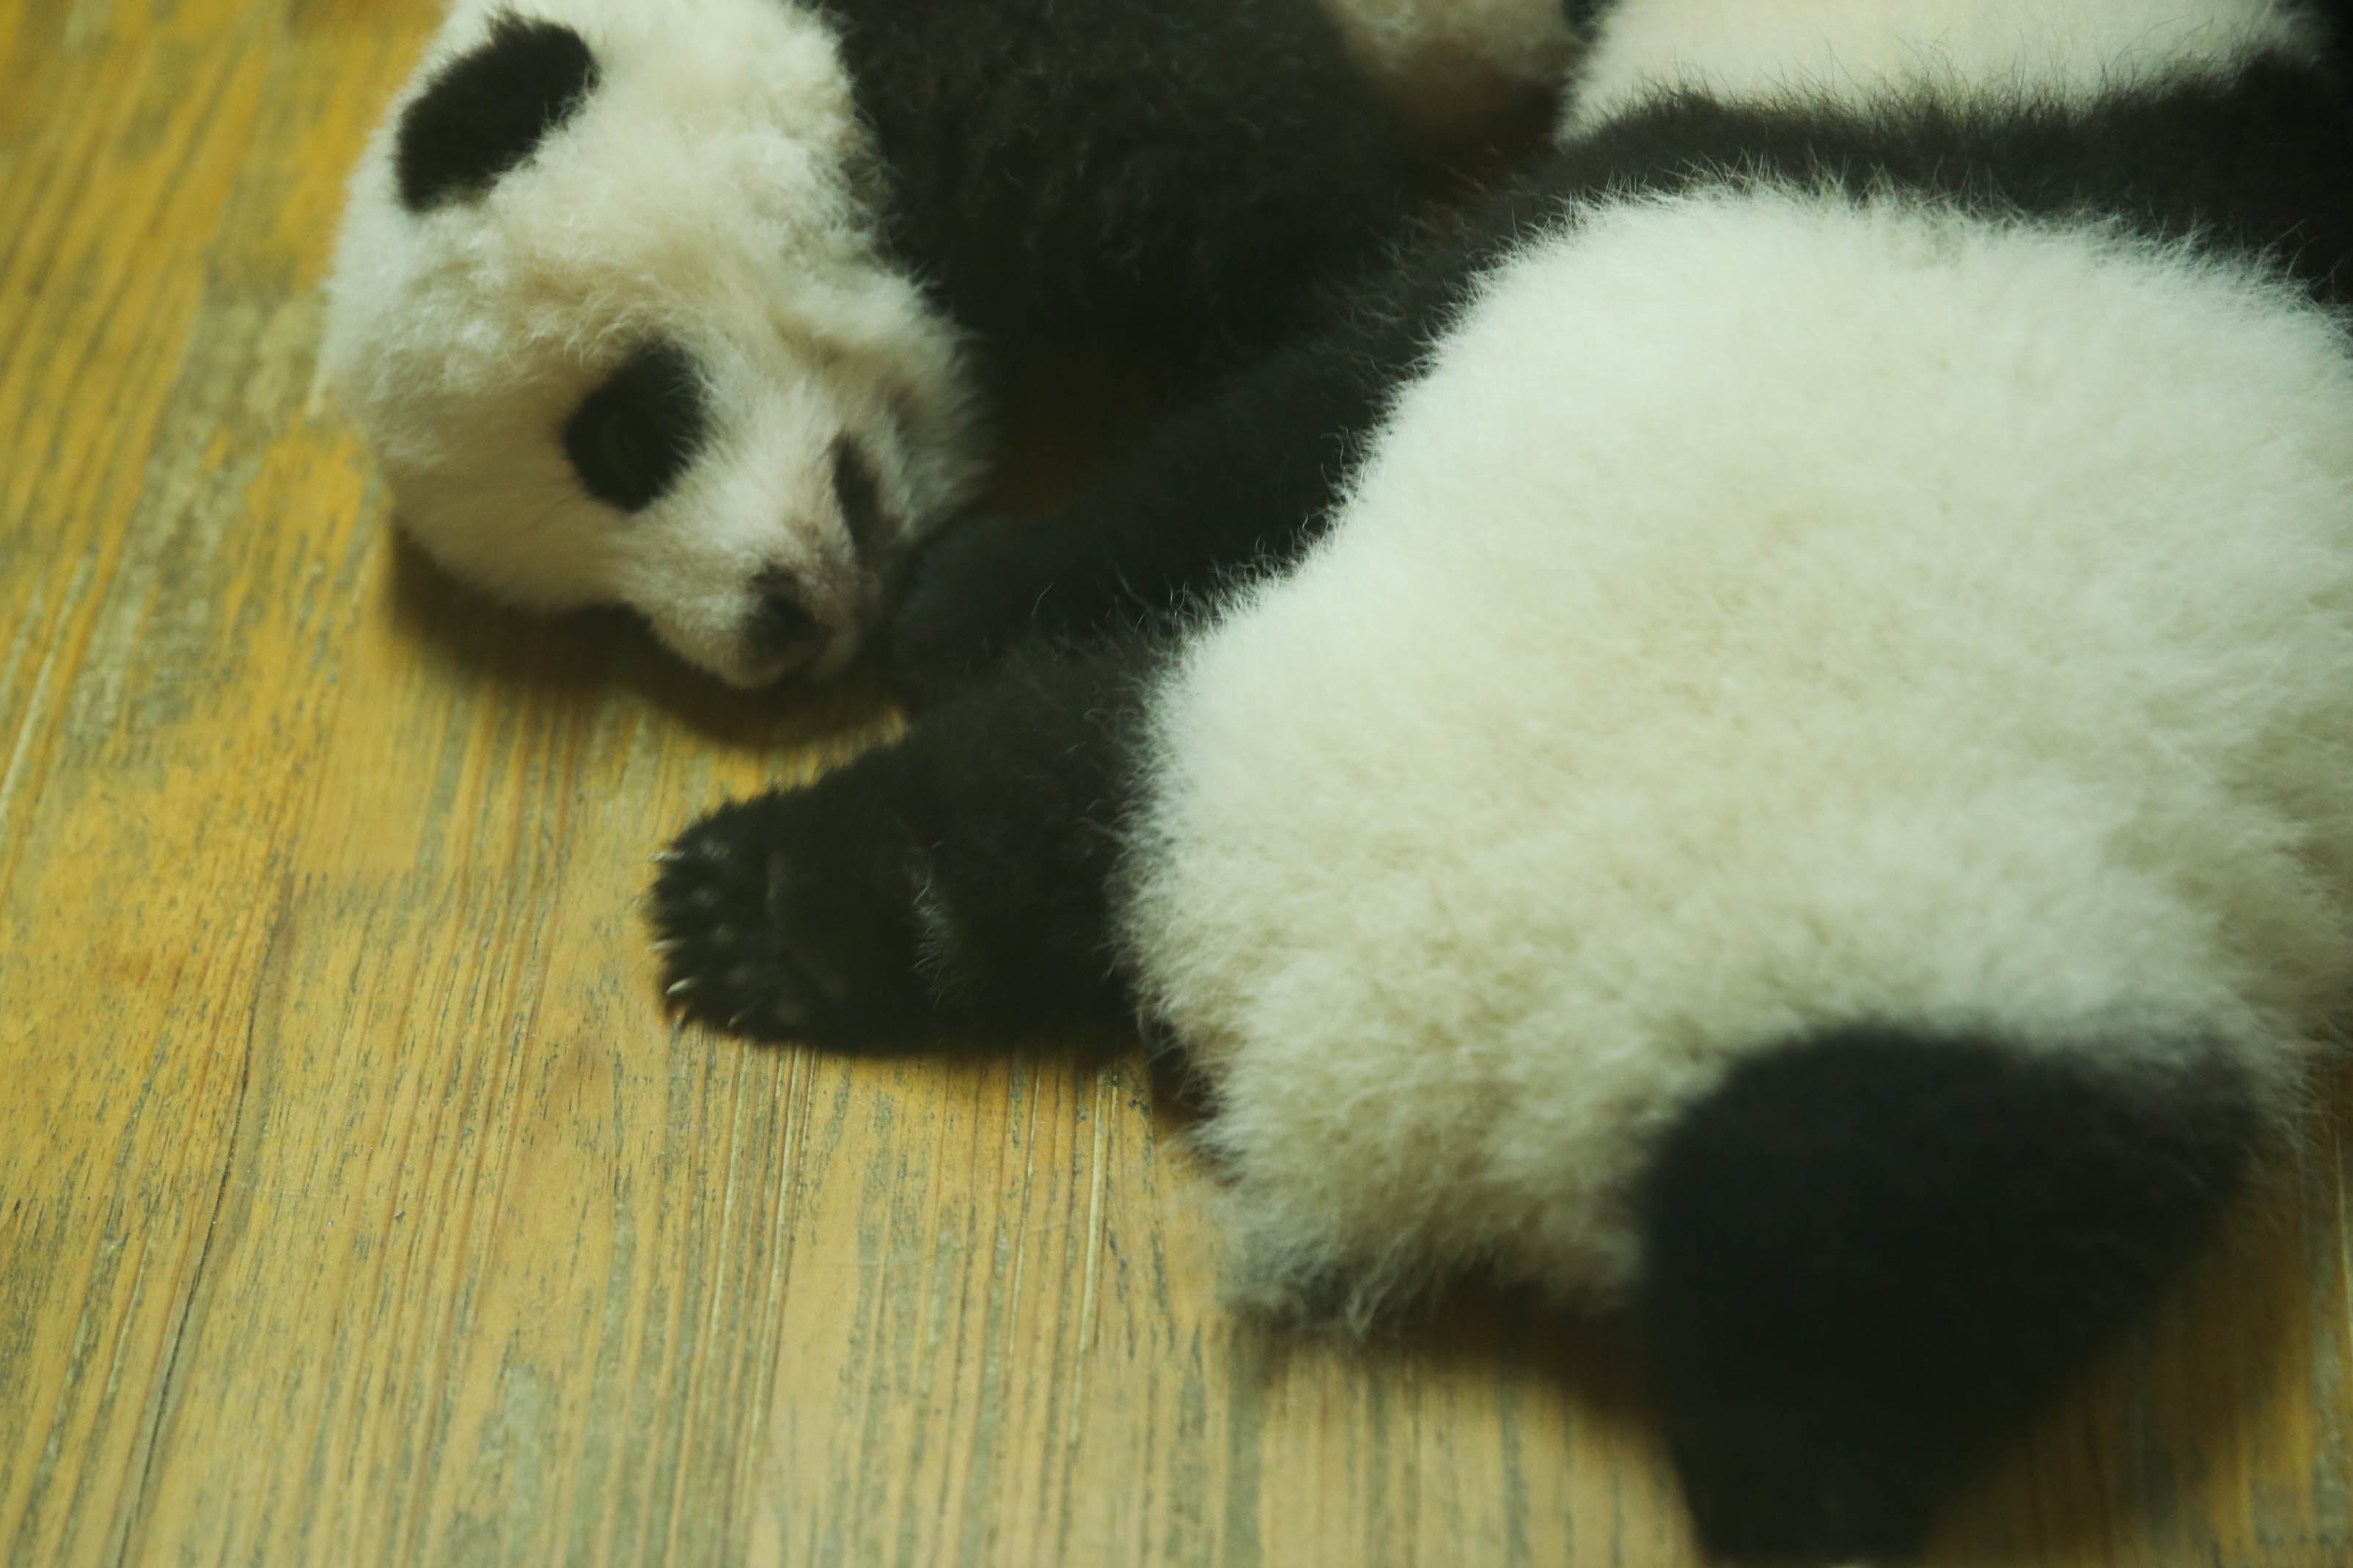 〖成都大熊猫繁育研究基地〗来成都不得不看看可爱的国宝熊猫,个个都萌呆呆的特可爱,熊猫基地位于成都市外北熊猫大道26号,里头建有各种齐全的大熊猫繁育所必须的设施,而成都的熊猫基地说大也不大,说小也不小,整个都走完,大约也要游玩两三个小时。节假日还有特别的熊猫表演,开放时间为早上 8:00 - 下午 18:00 ,一般来说看大熊猫最好是早上,下午的时候熊猫比较懒散,有些都在睡觉。一般旅行社都有熊猫团,包车来回,玩一个上午,费用100/人(包括门票),个人是觉得没什么必要,特别是学生,因为门票的学生票才29/人